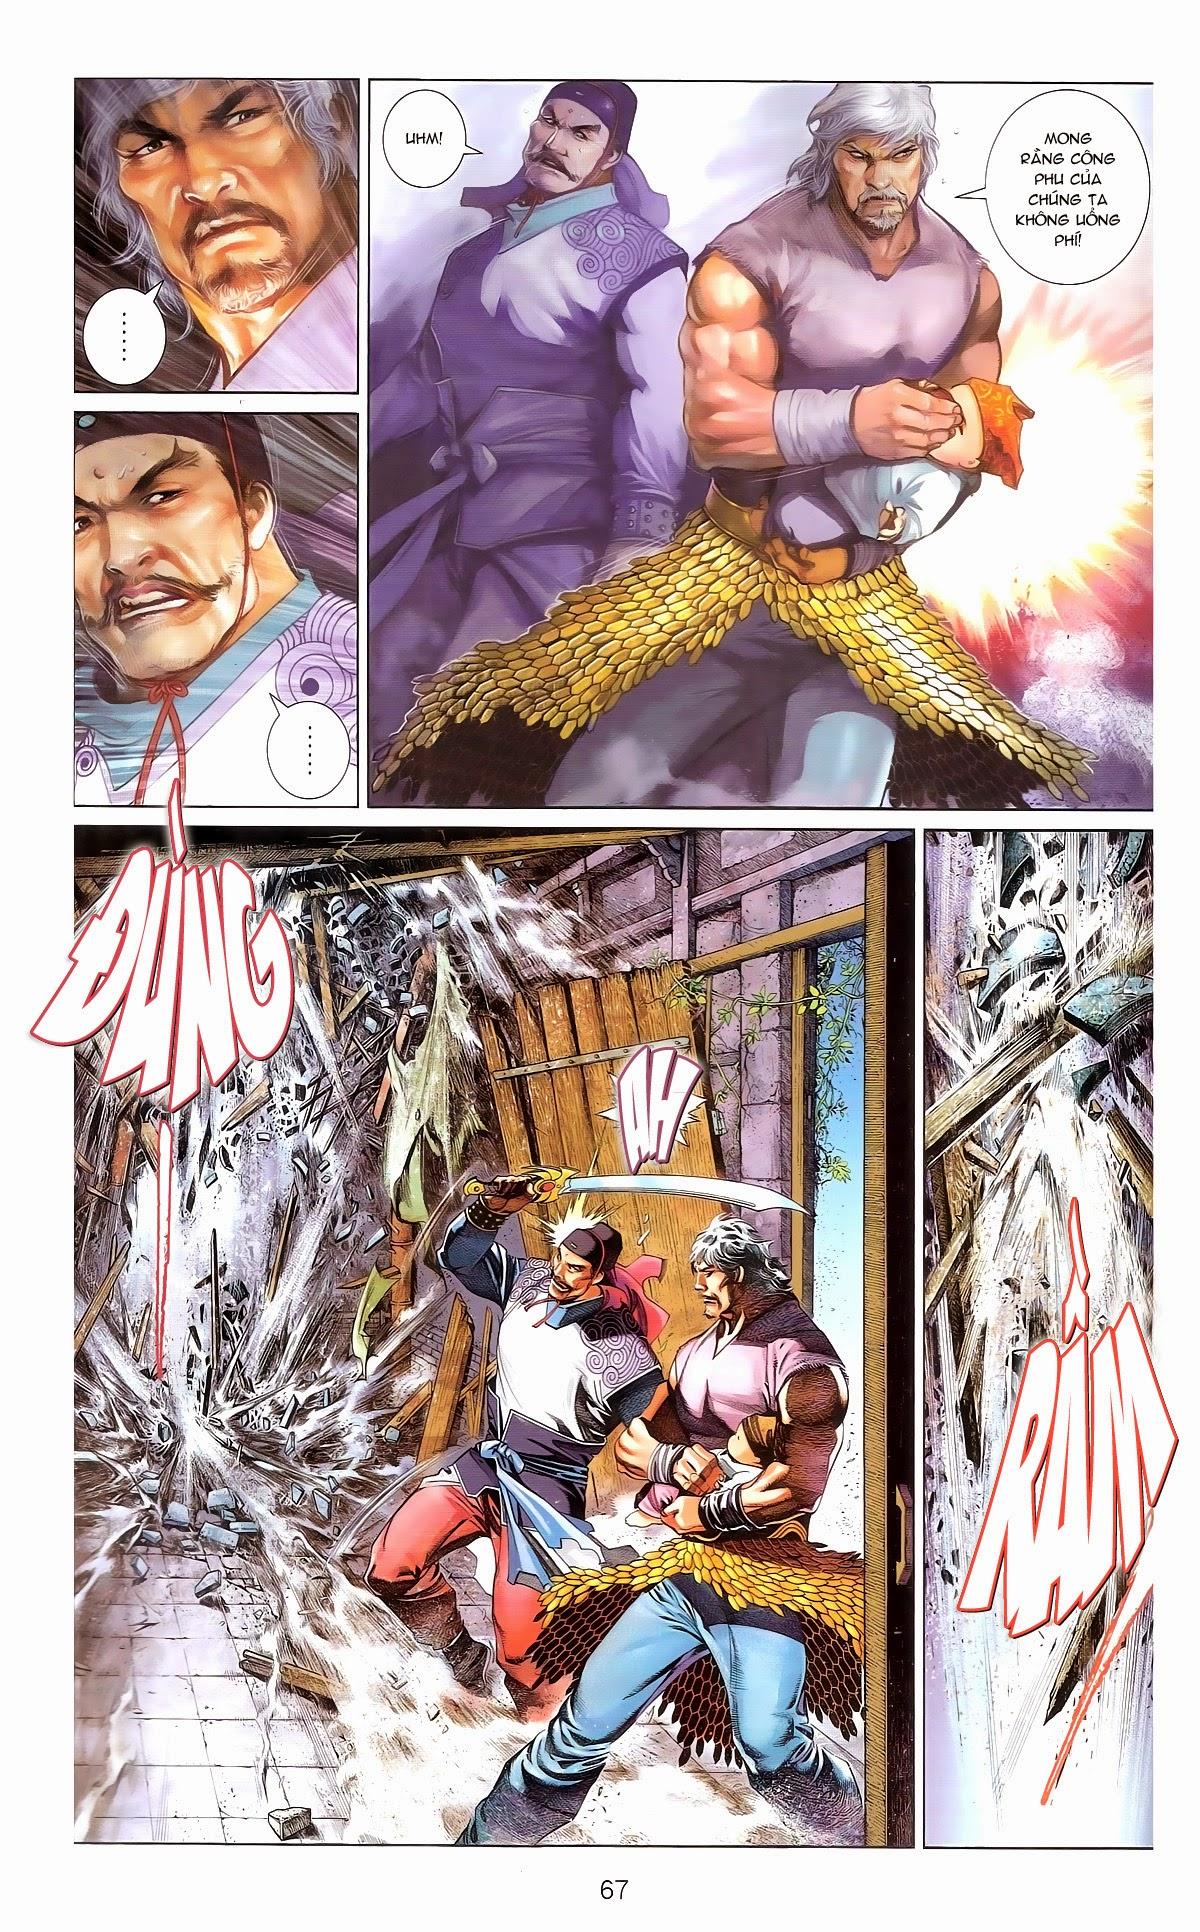 Phong Vân chap 674 – End Trang 69 - Mangak.info